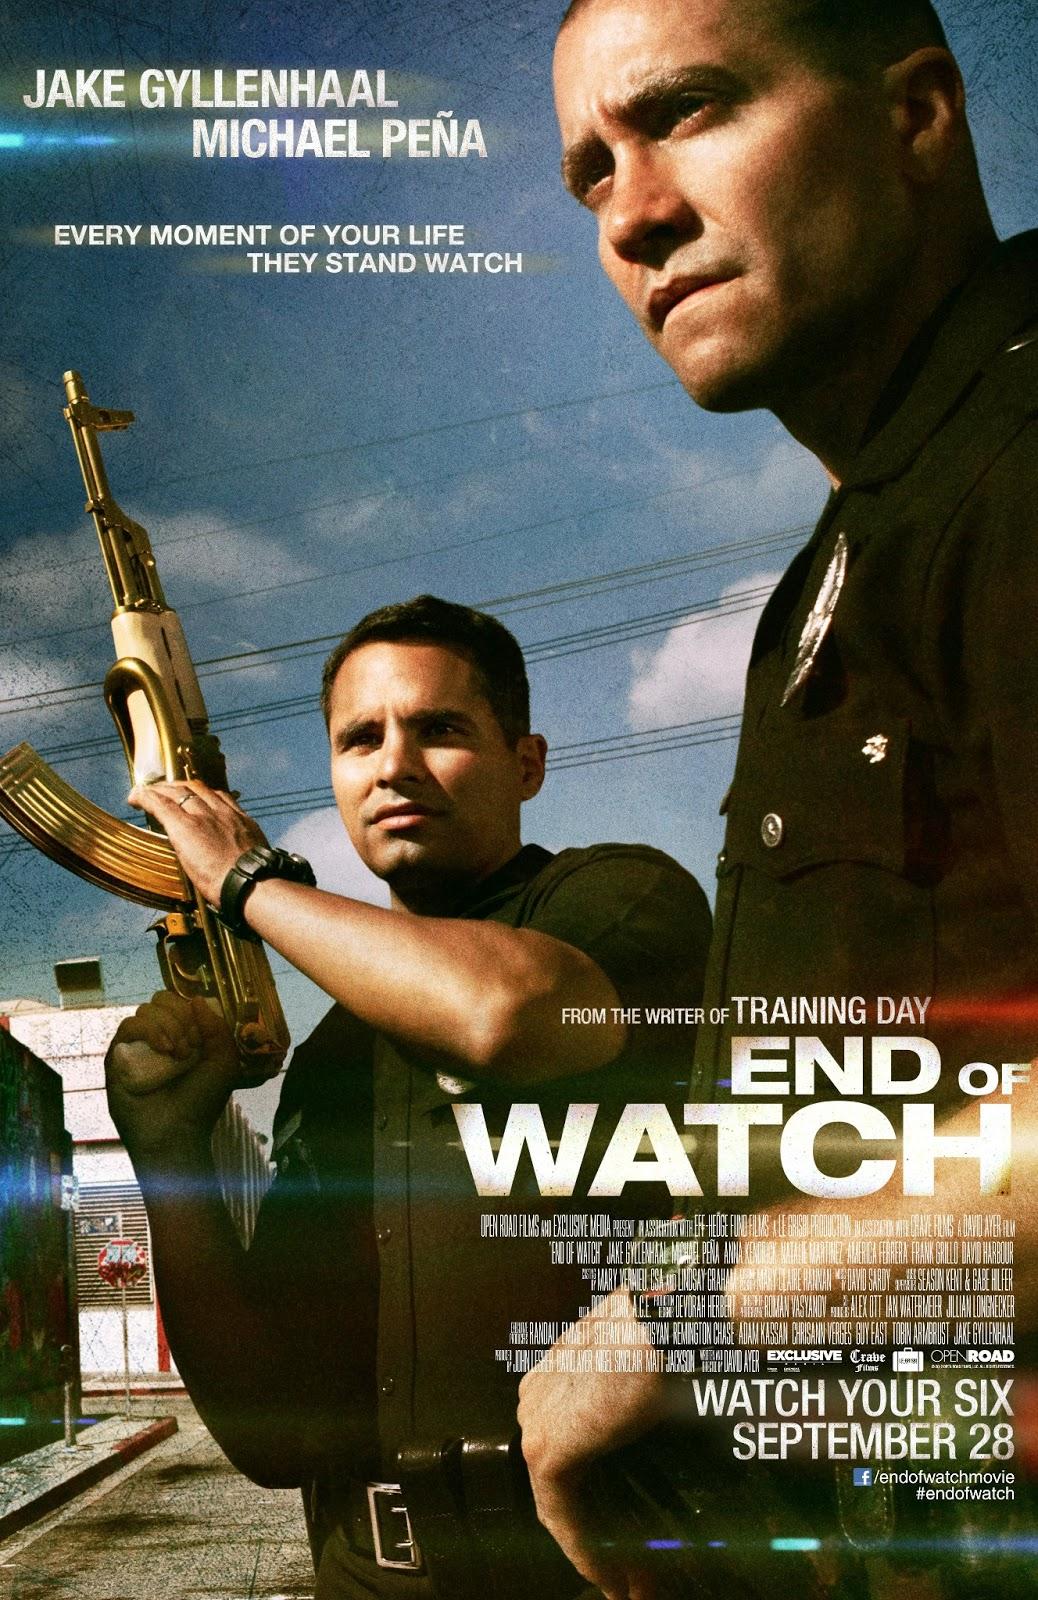 http://3.bp.blogspot.com/-NJTyEm_vPkg/UQSwWc3NJmI/AAAAAAAABL8/caNskaEno_4/s1600/end-of-watch-poster.jpg